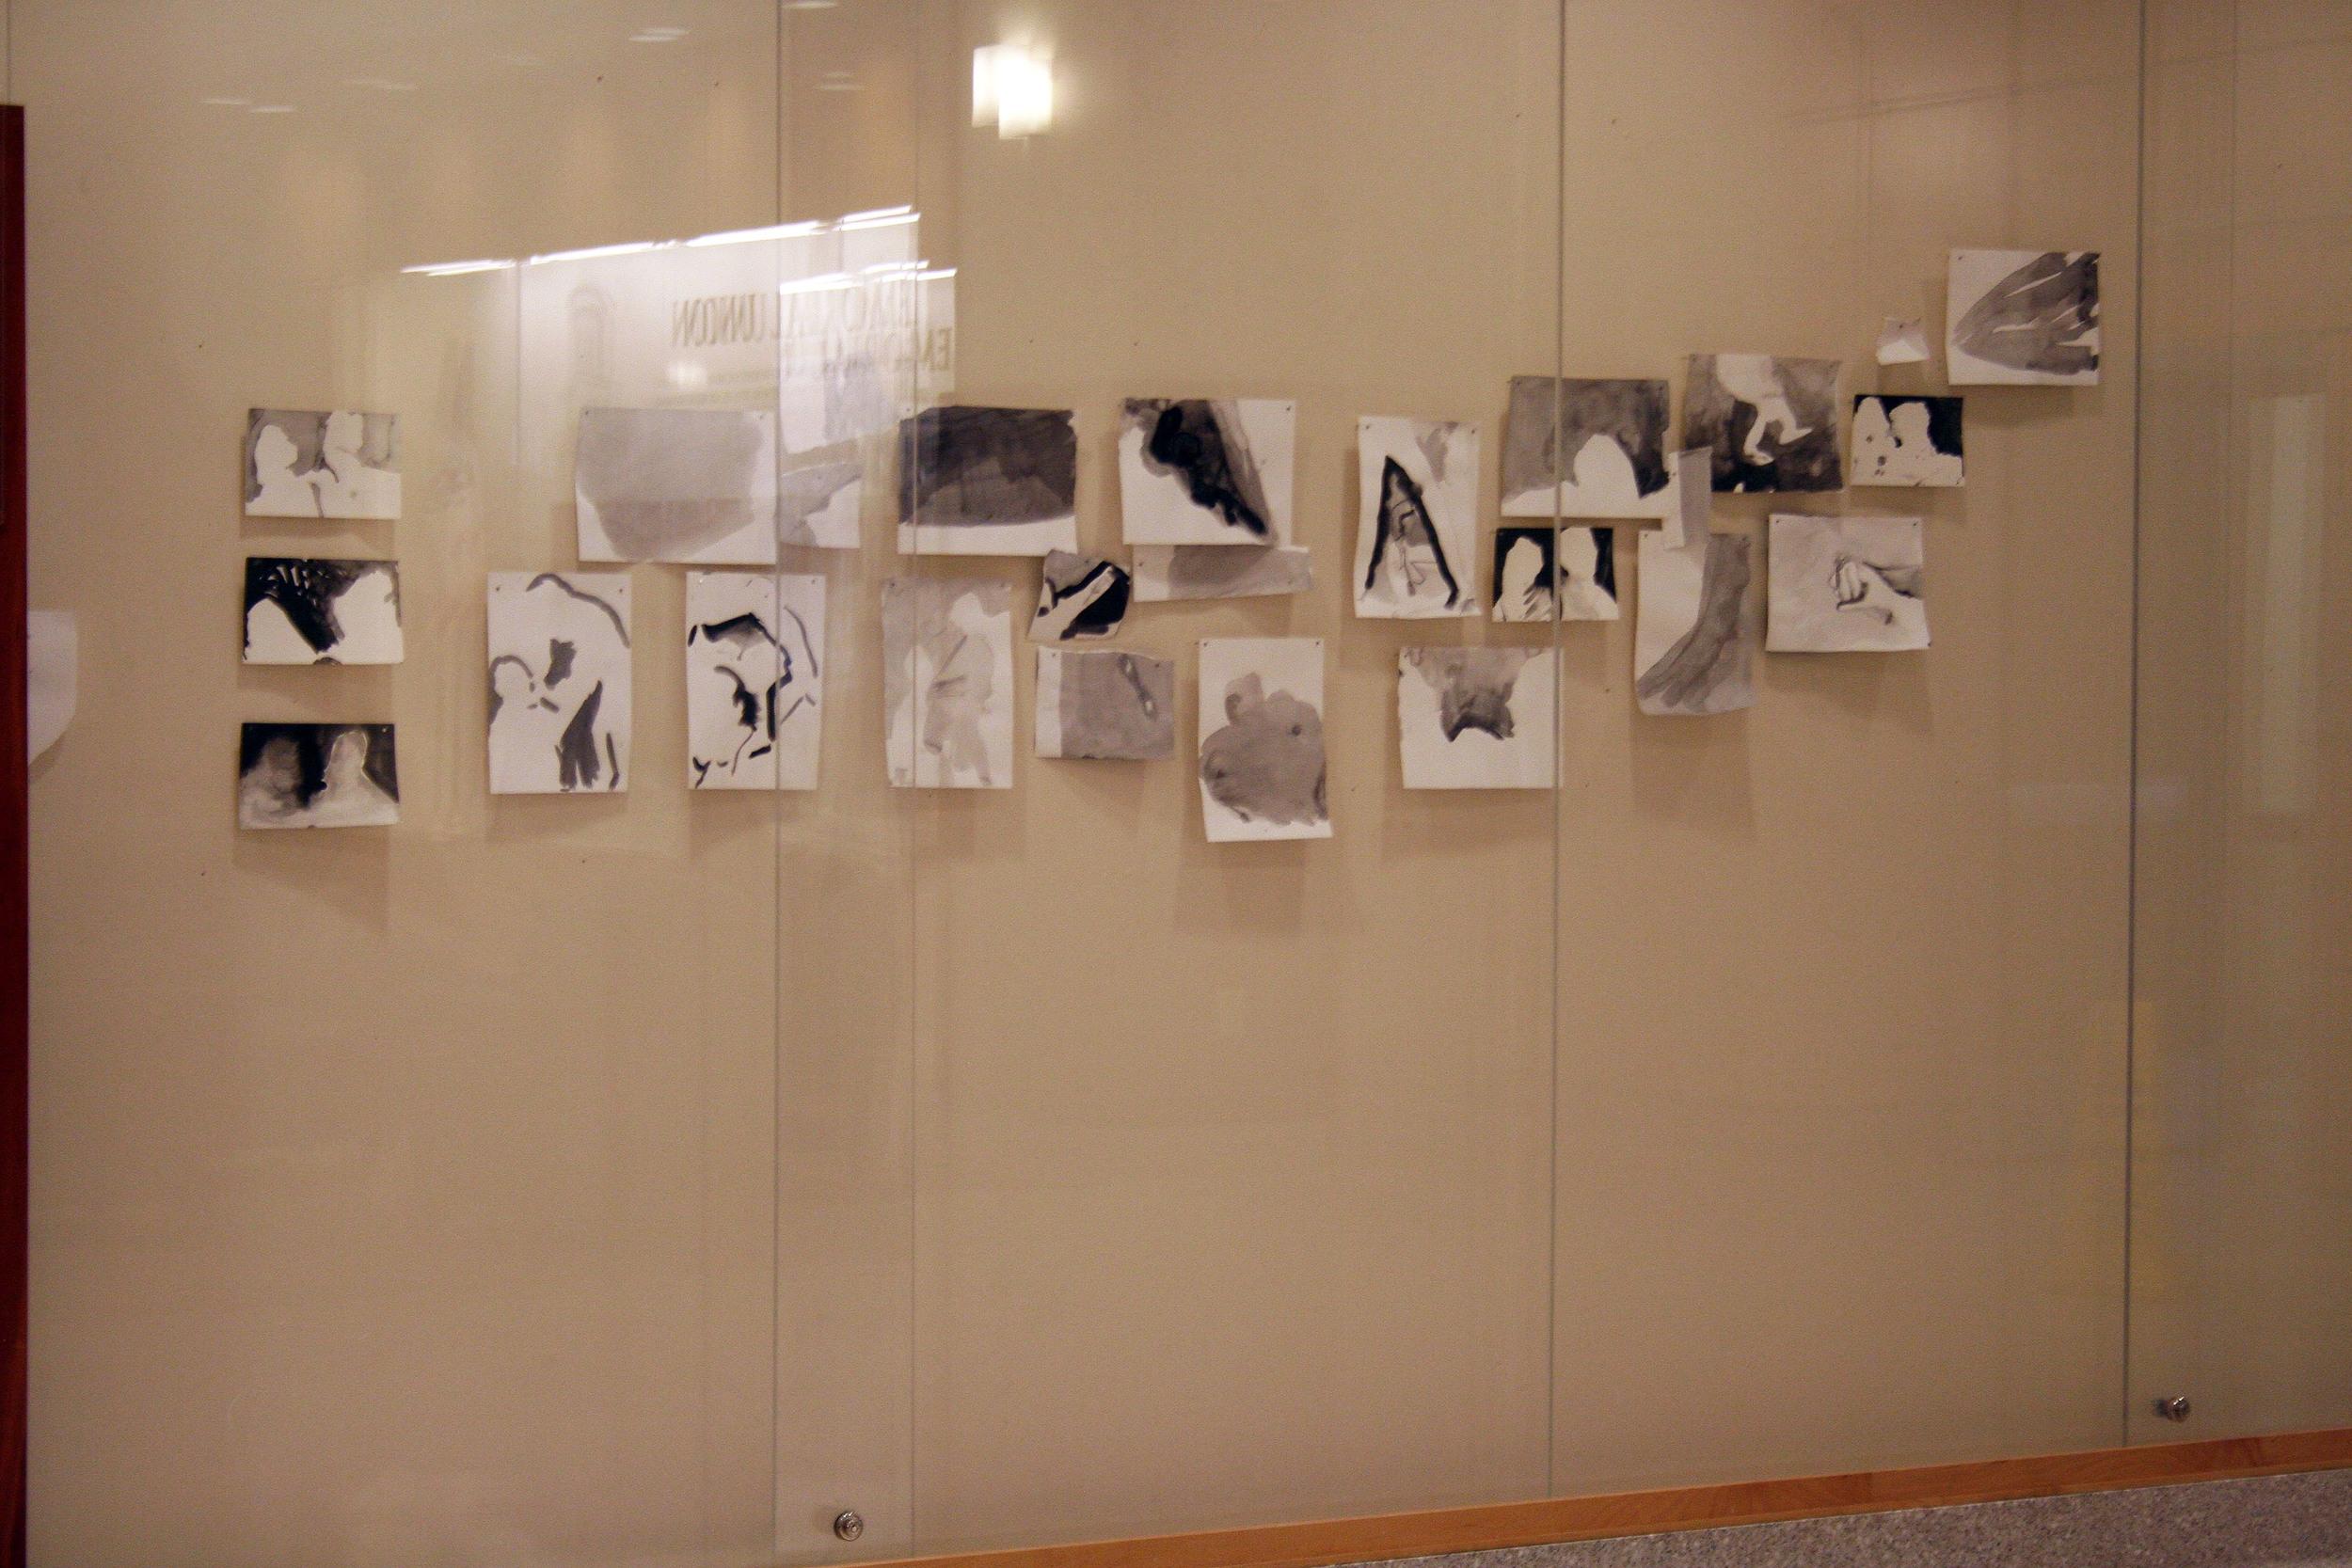 kendall gallery 10.jpg